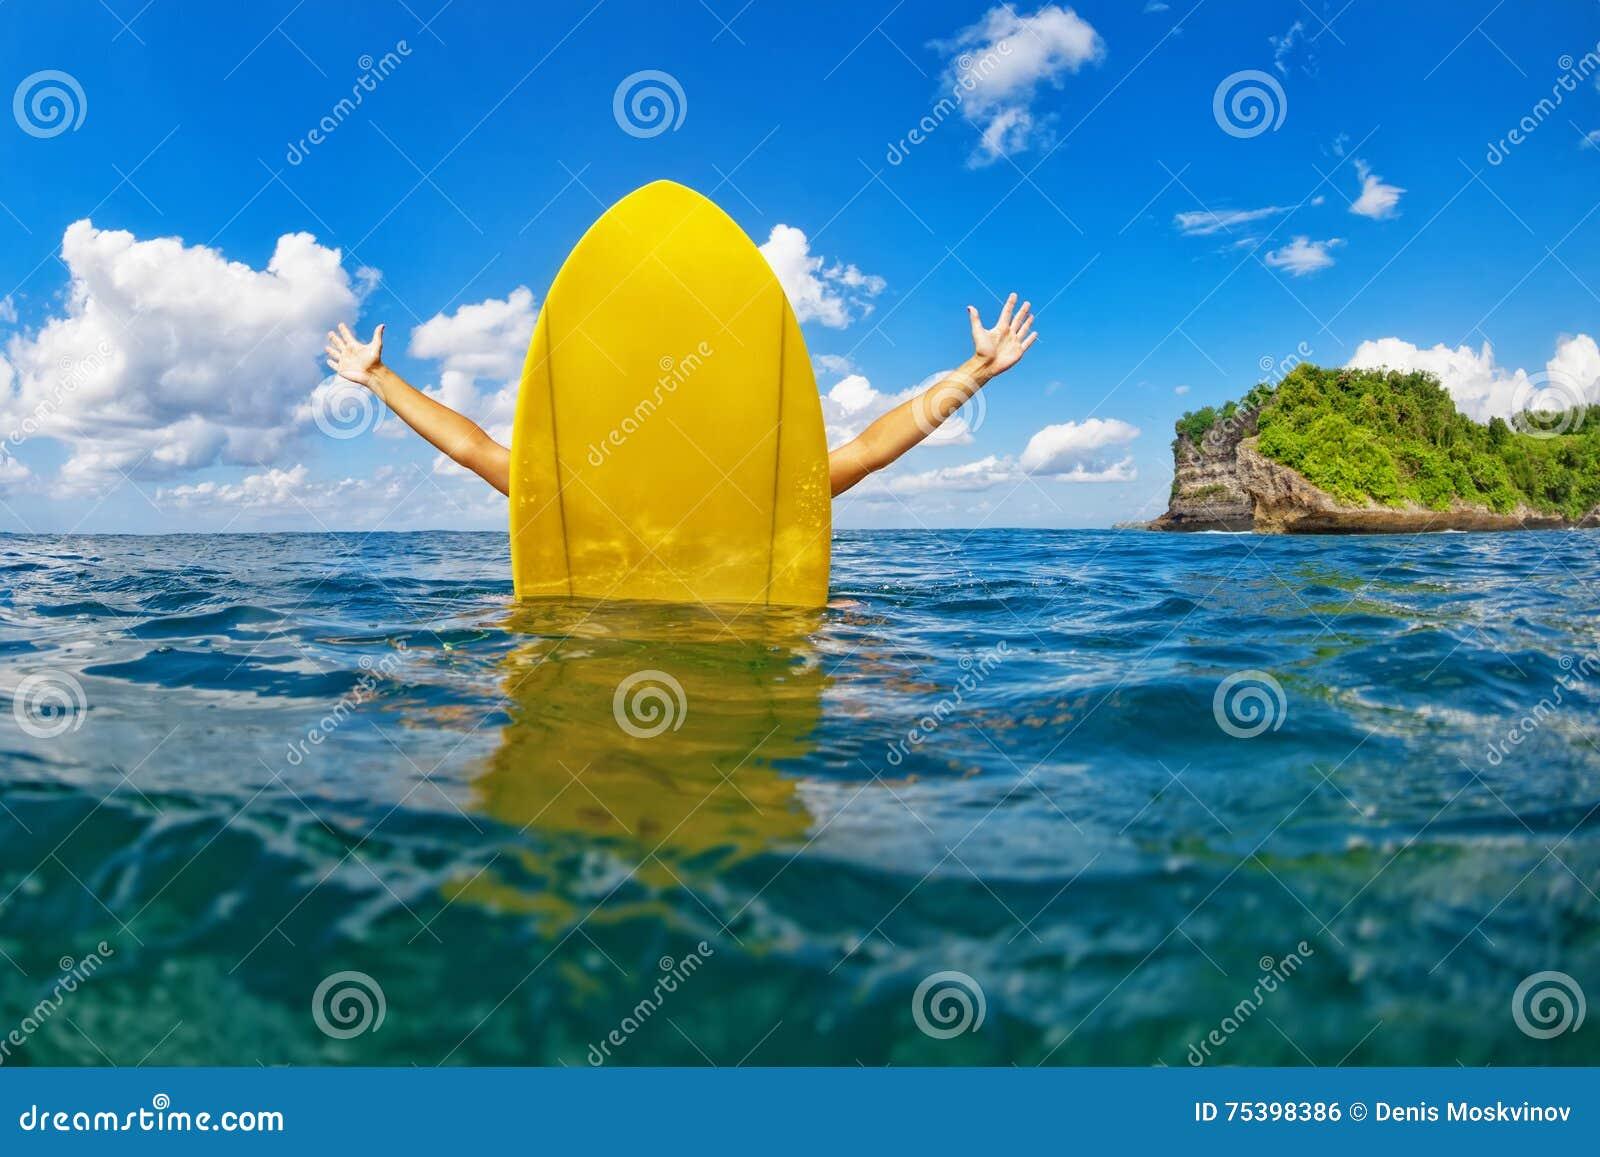 Het gelukkige surfermeisje zit op gele surfplank in oceaan